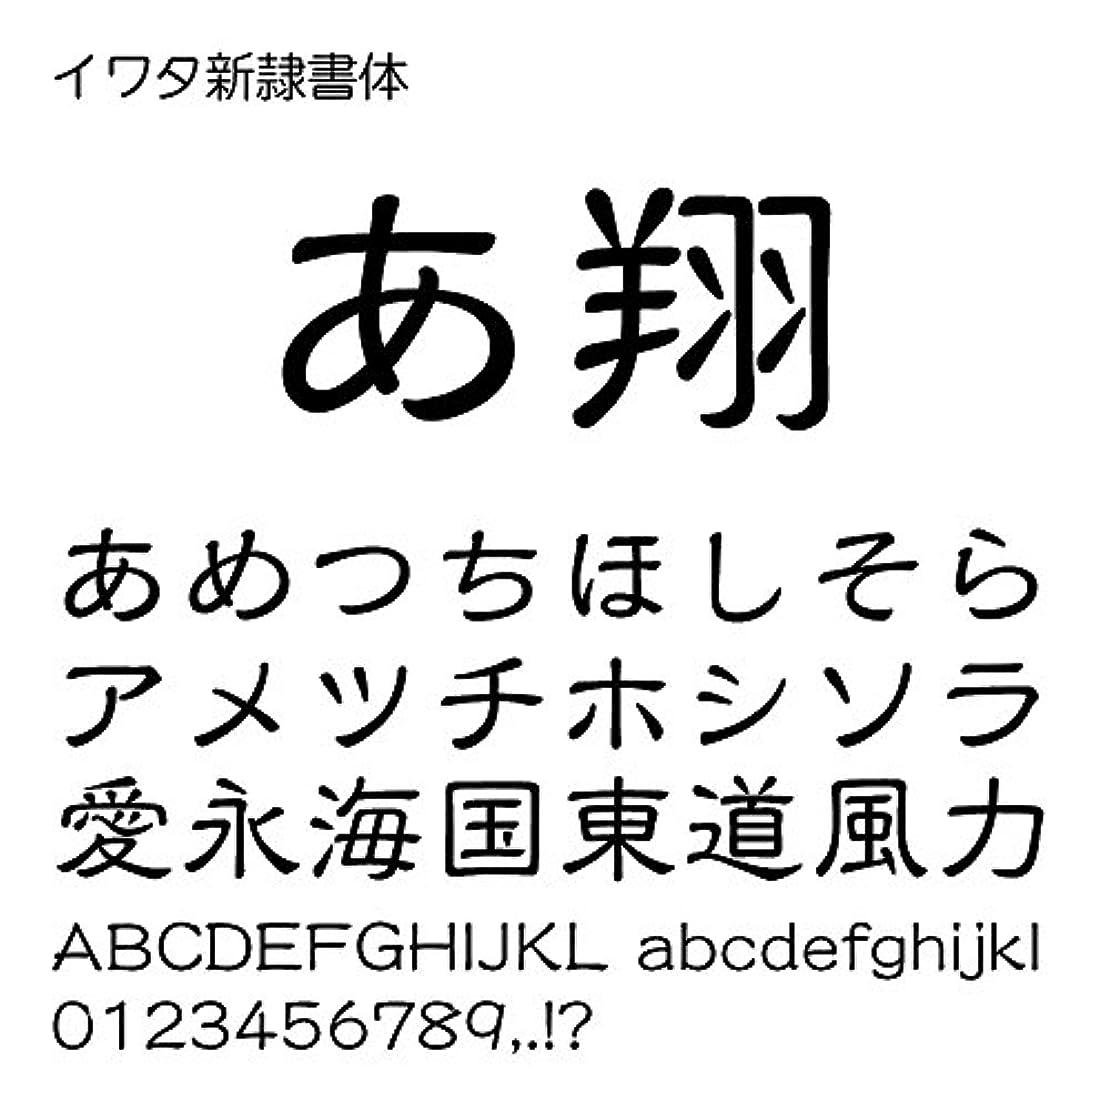 運命食べるバルブイワタ新隷書体Std OpenType Font for Windows [ダウンロード]